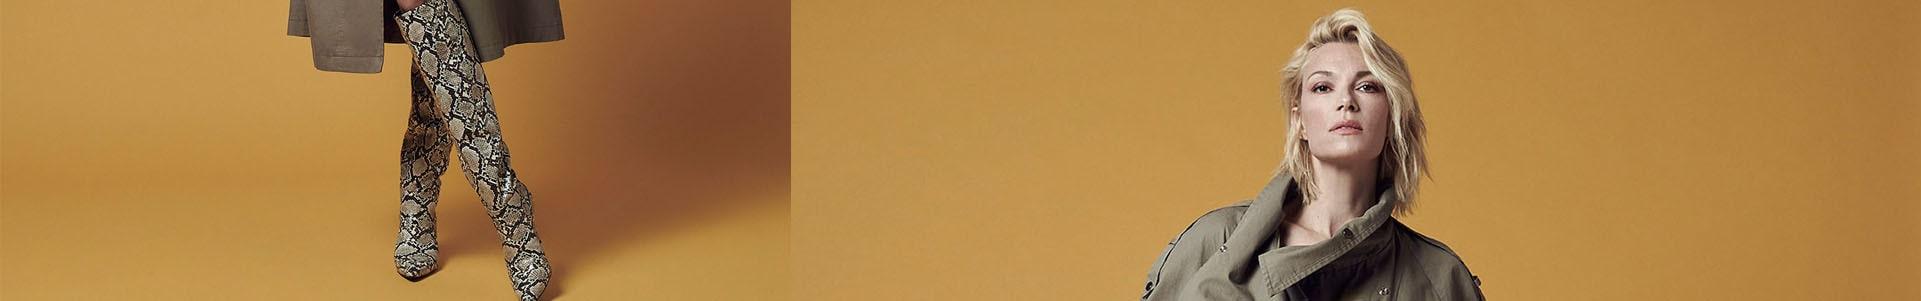 ΜΠΟΤΕΣ - Μαύρο - Λευκό - Ατσαλί - Ύφασμα - Νούμερο 36